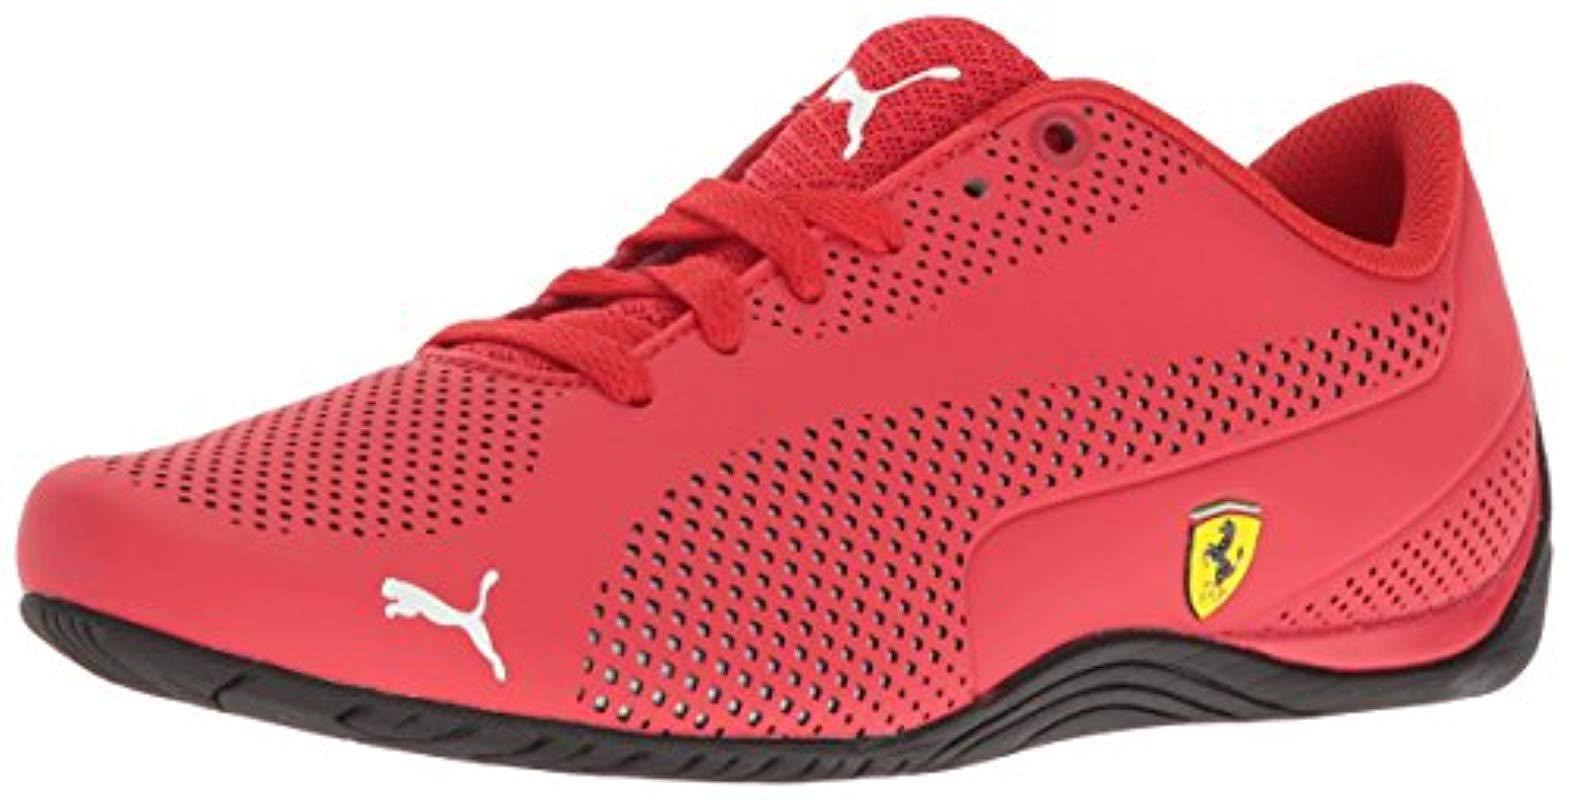 Lyst - PUMA Ferrari Drift Cat 5 Ultra Sneaker in Red for Men - Save 20% 9eced639b